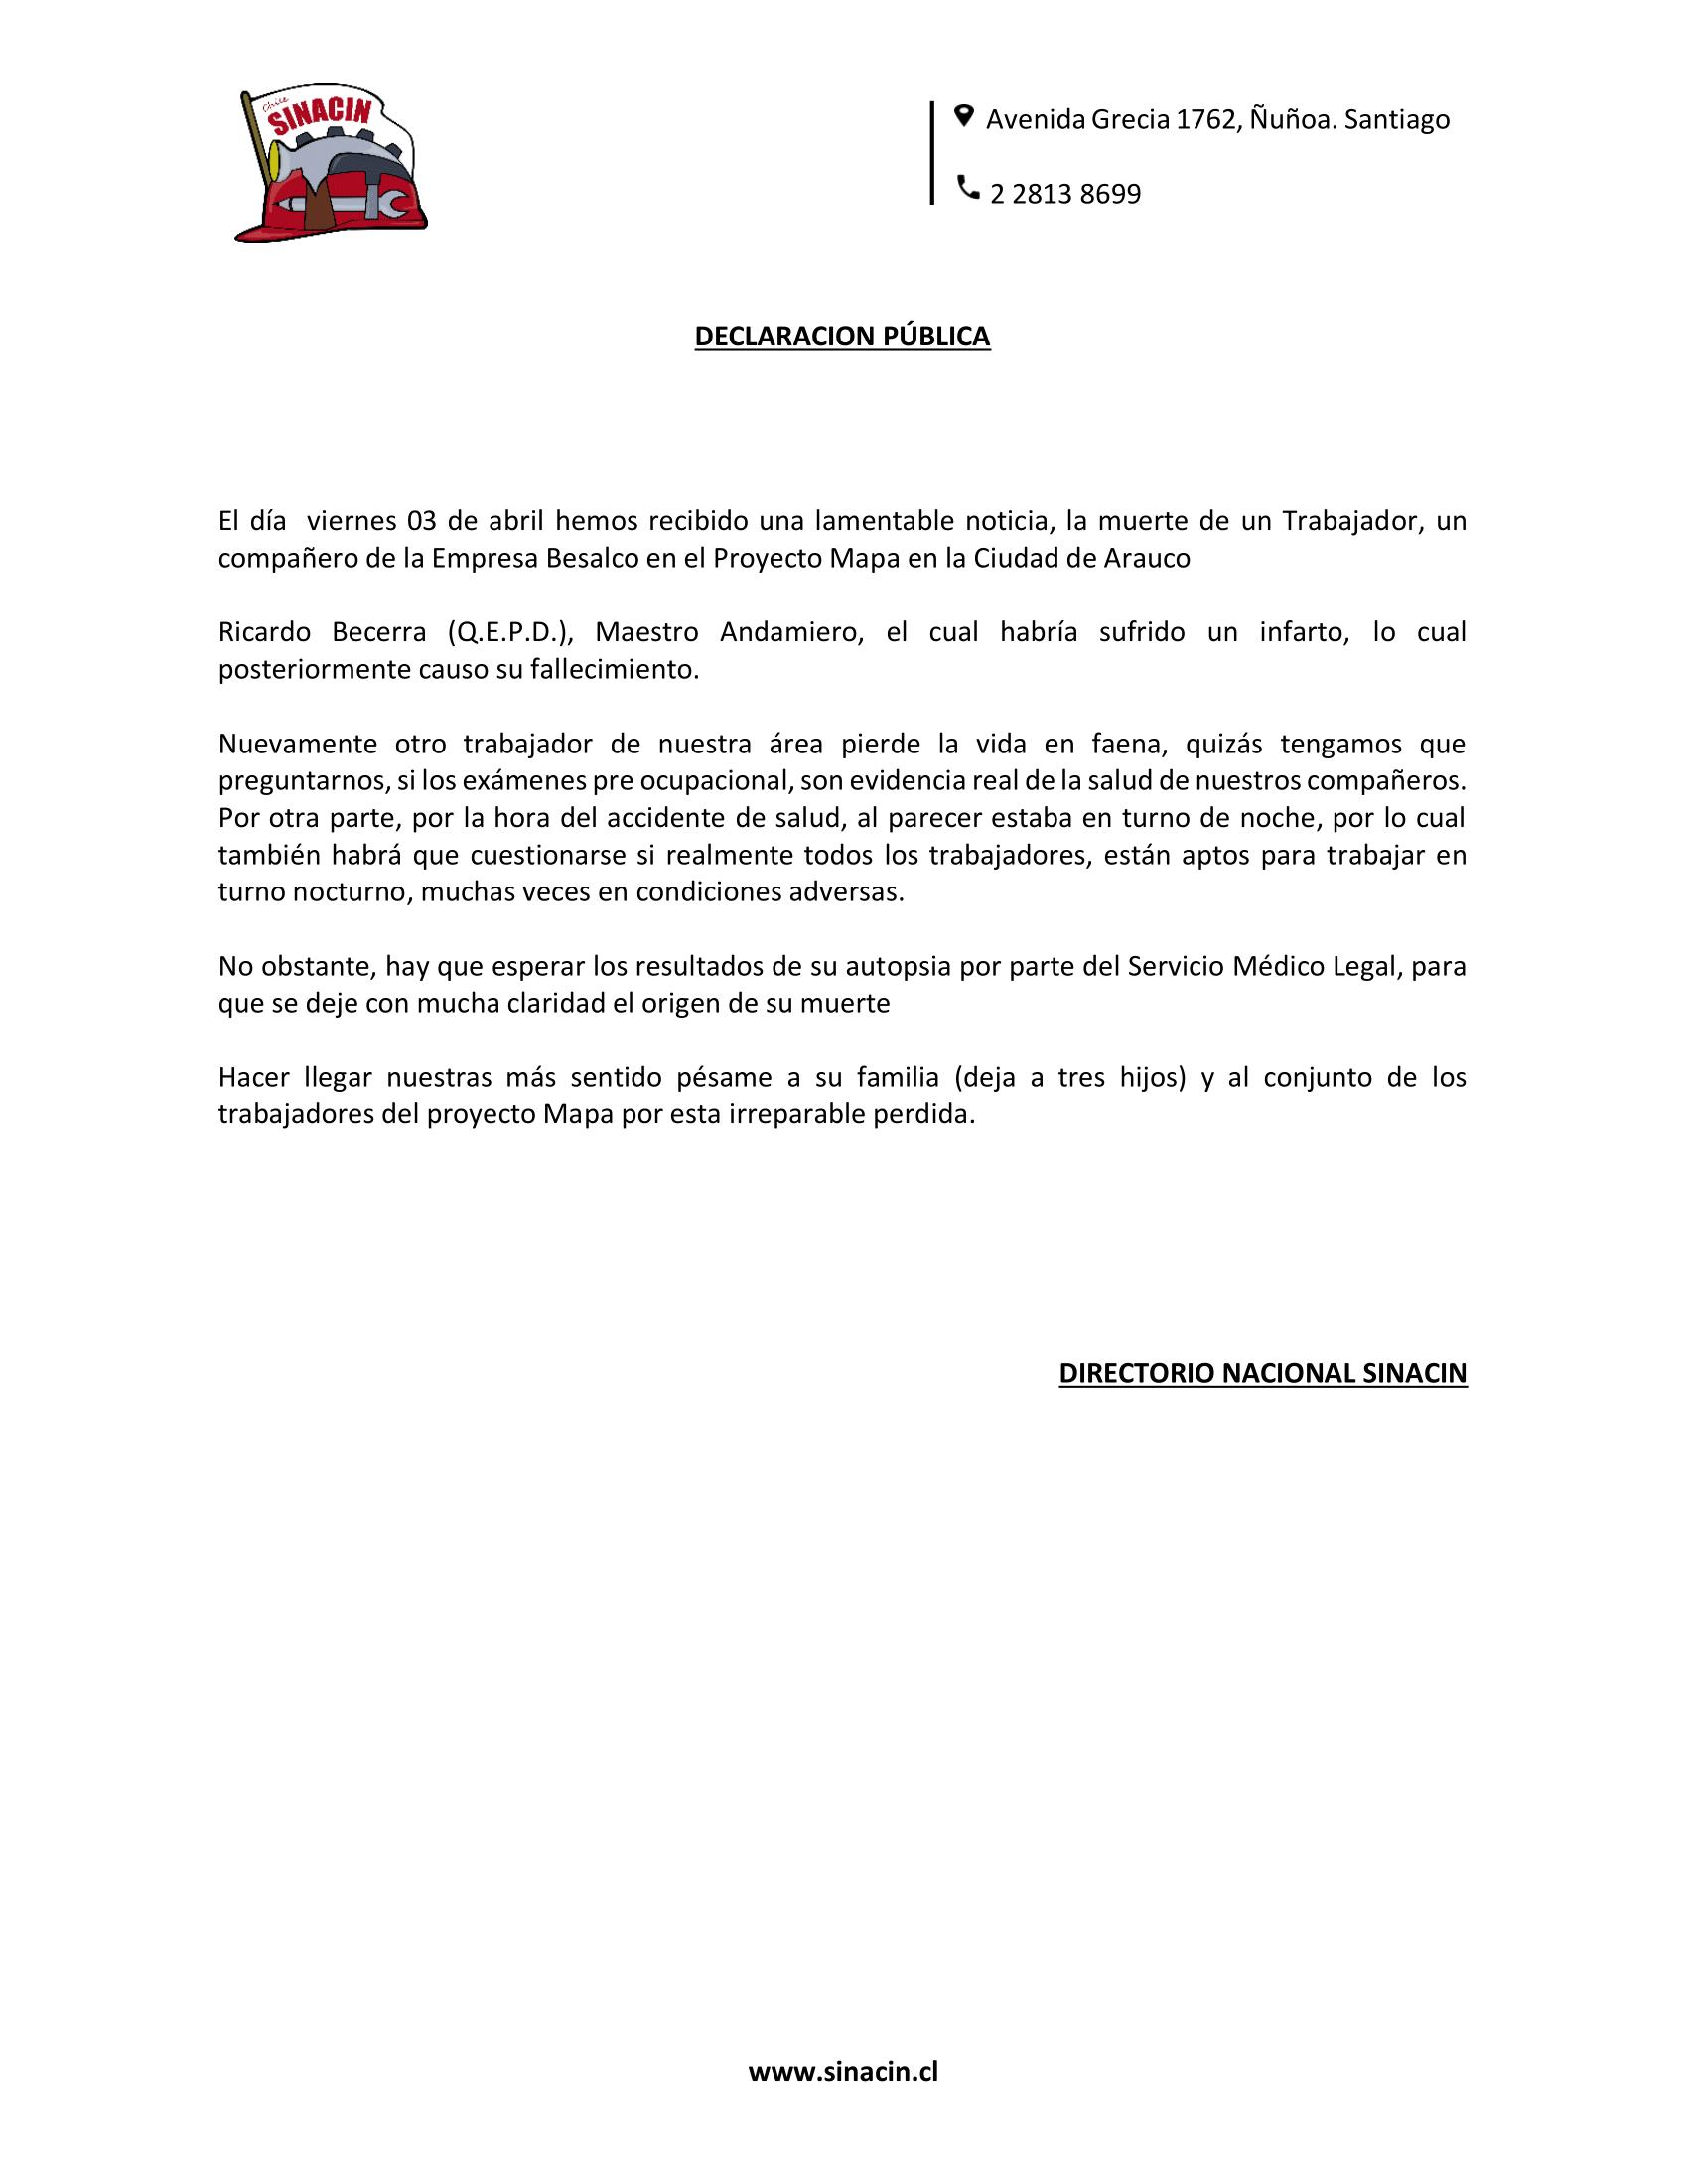 Declaración Pública ante muerte de un trabajador del proyecto MAPA